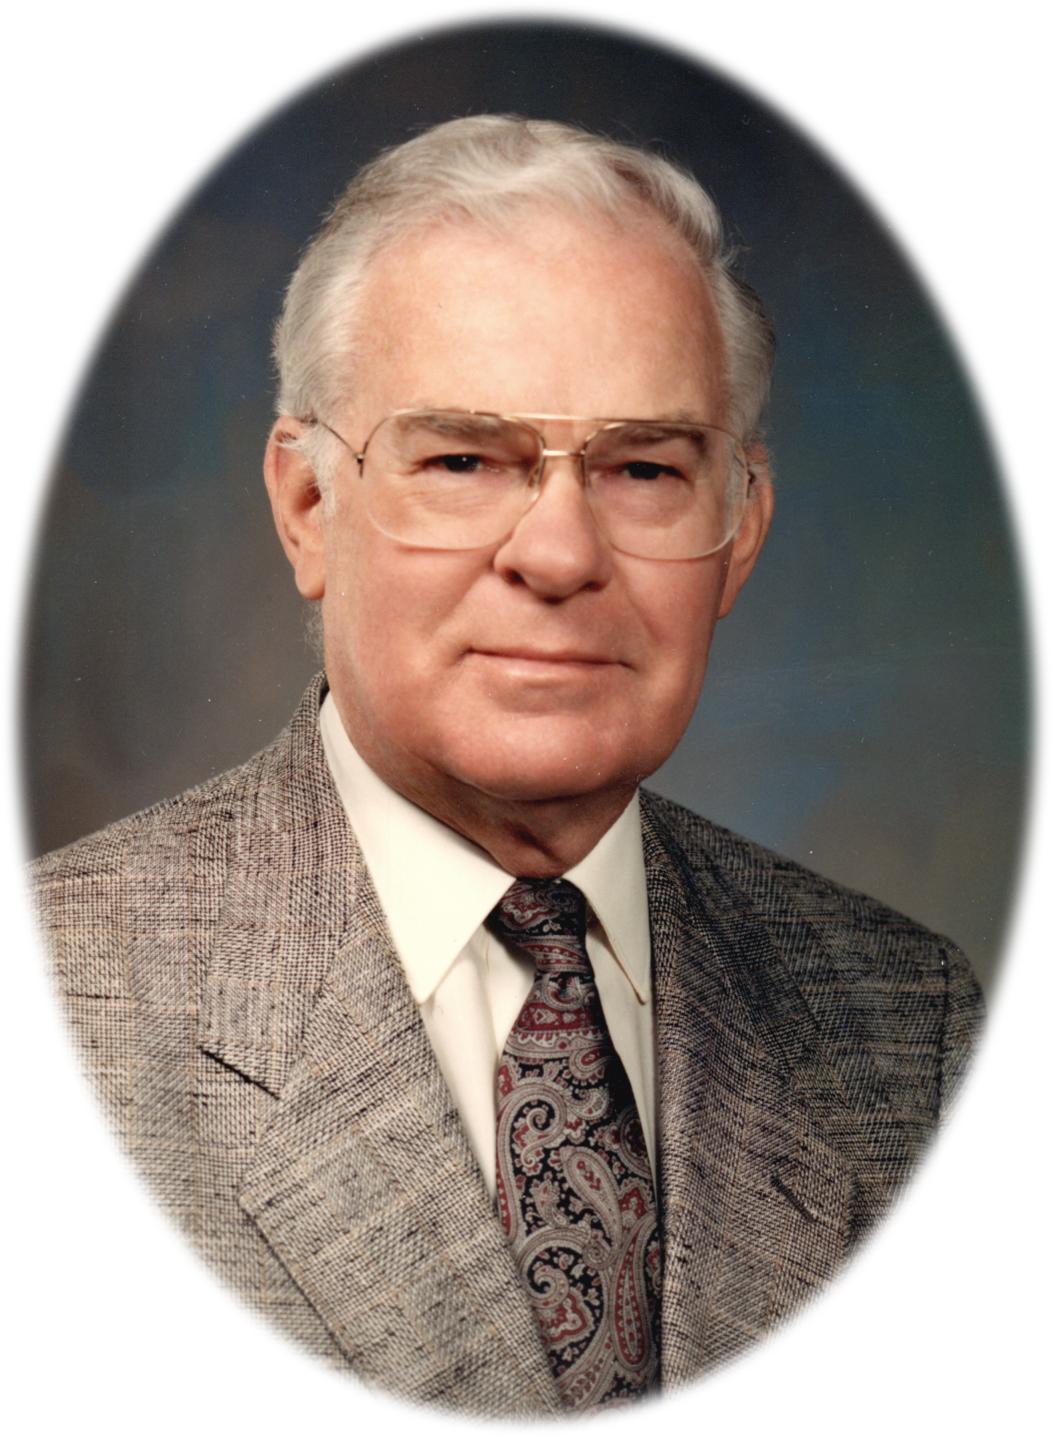 Dr. James L. Vose